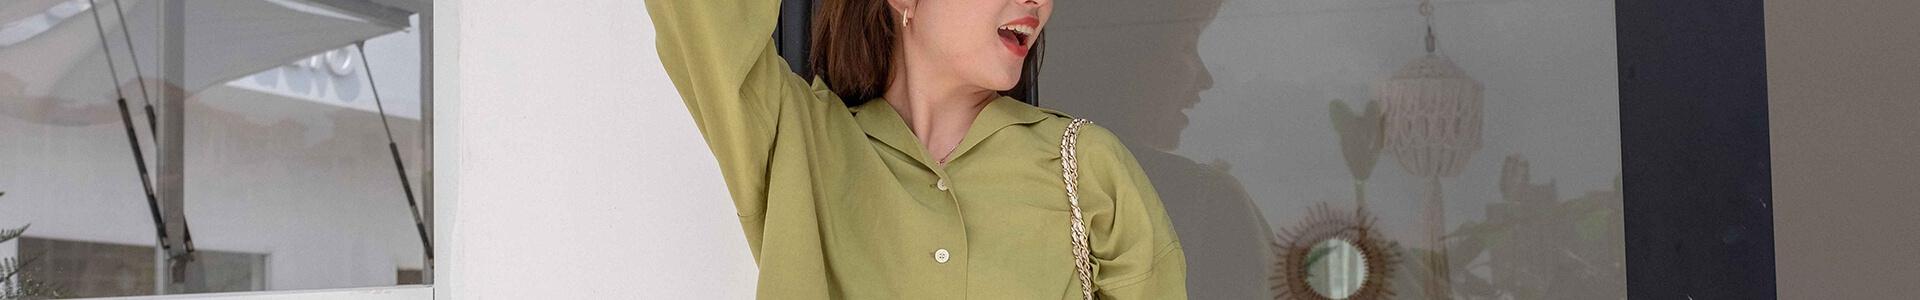 夏スタイルには欠かせないアイテム!カラーシャツを今風に着こなしたい!